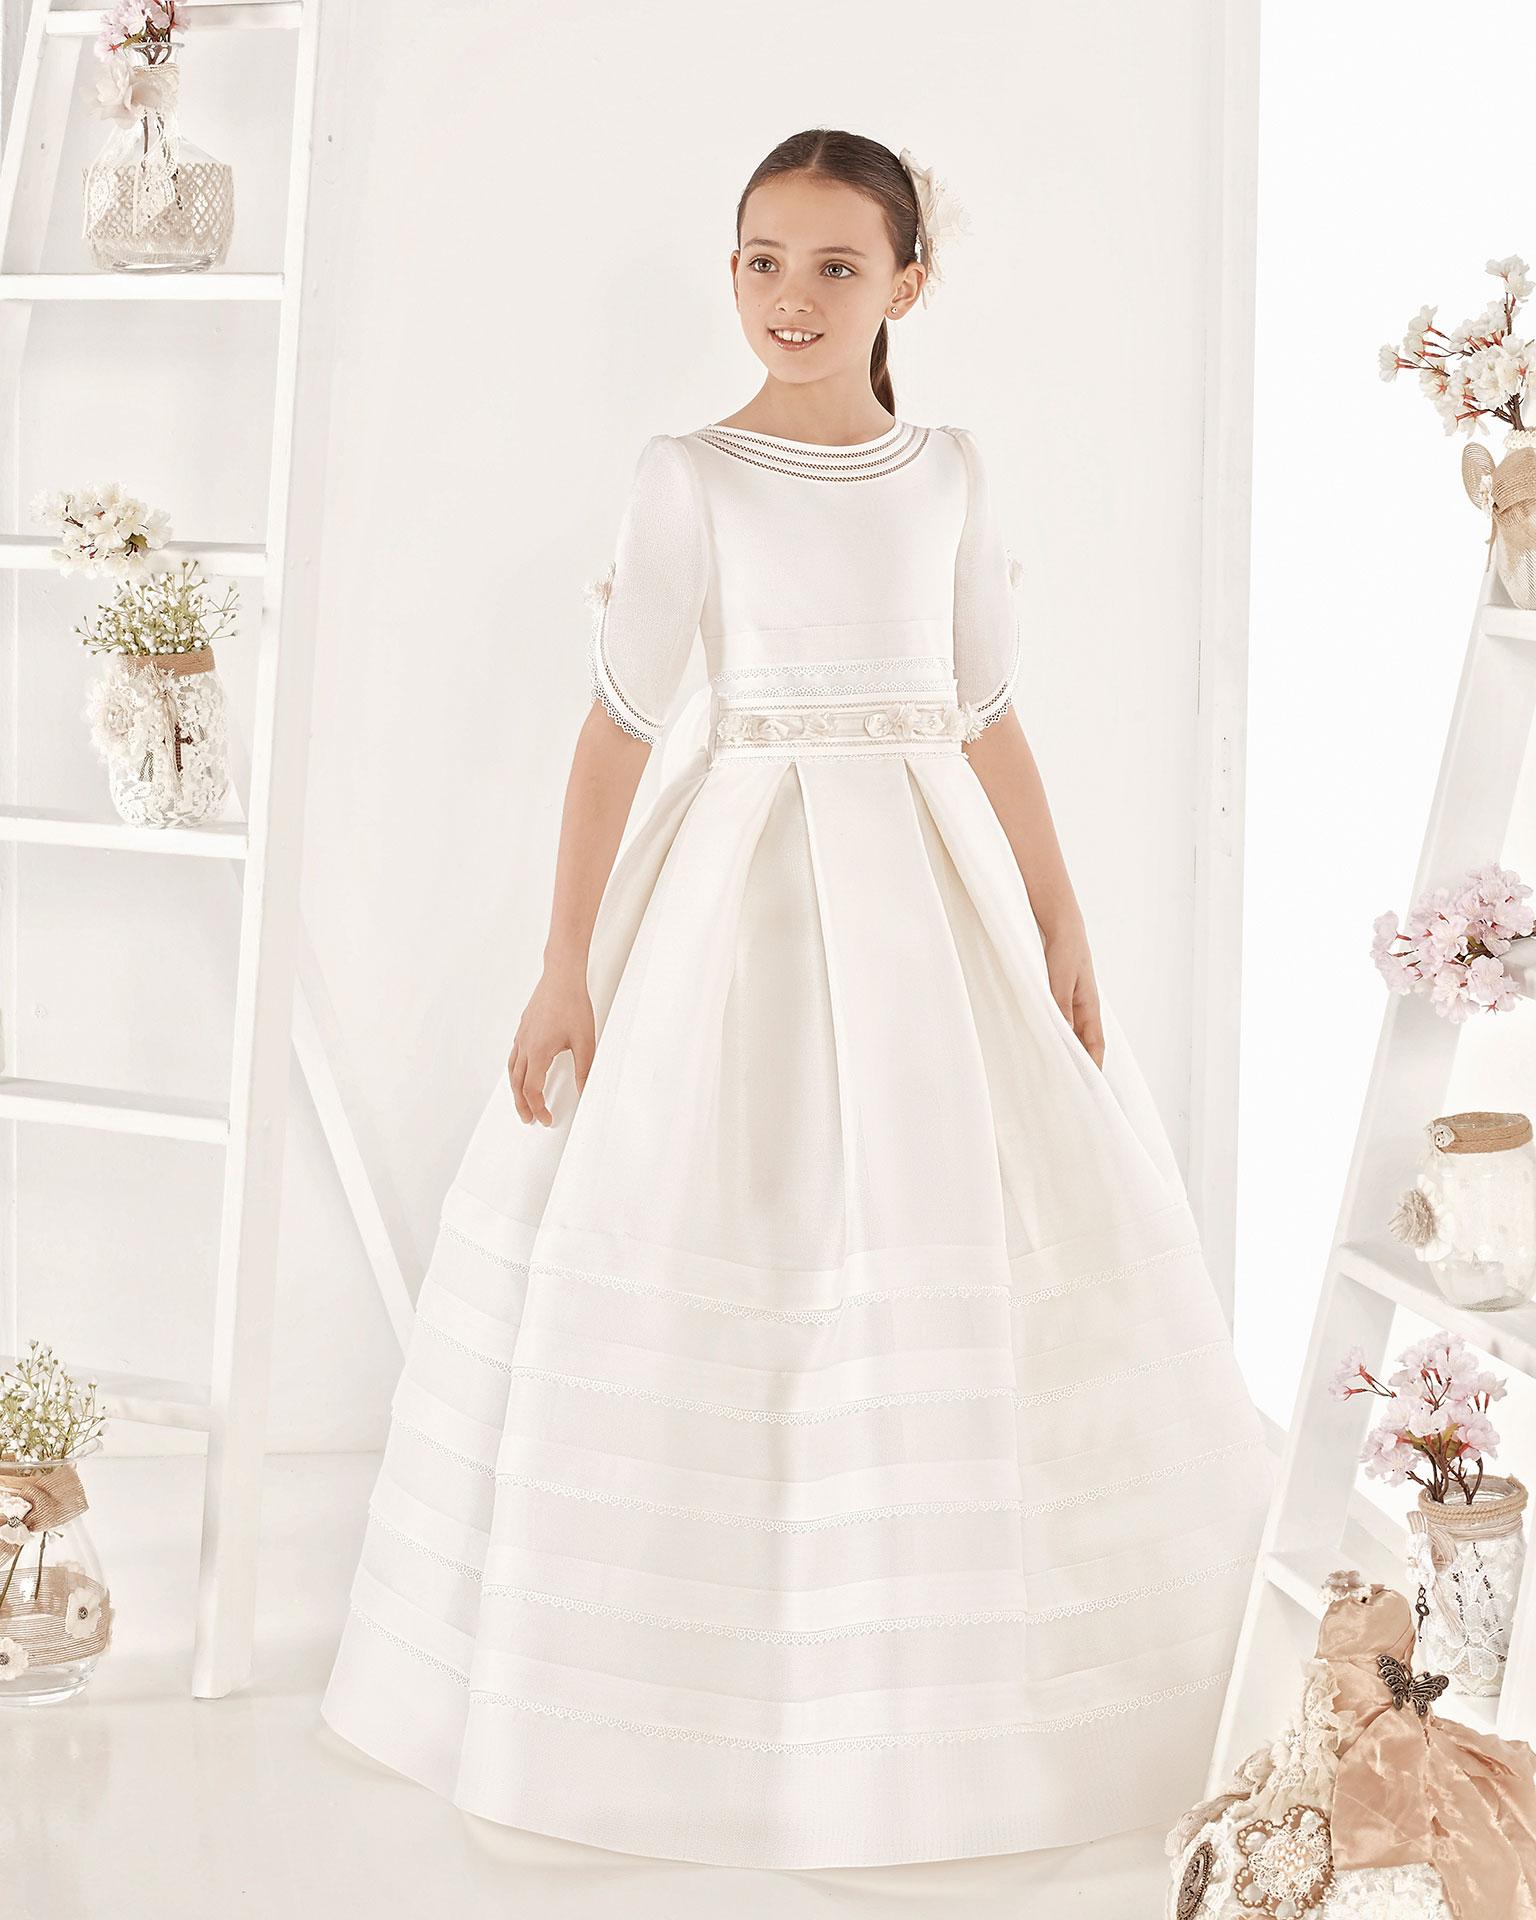 Robe de communion style classique avec plis en natté de soie fin. Avec taille normale. Disponible en couleur ivoire. Collection AIRE COMUNION 2019.